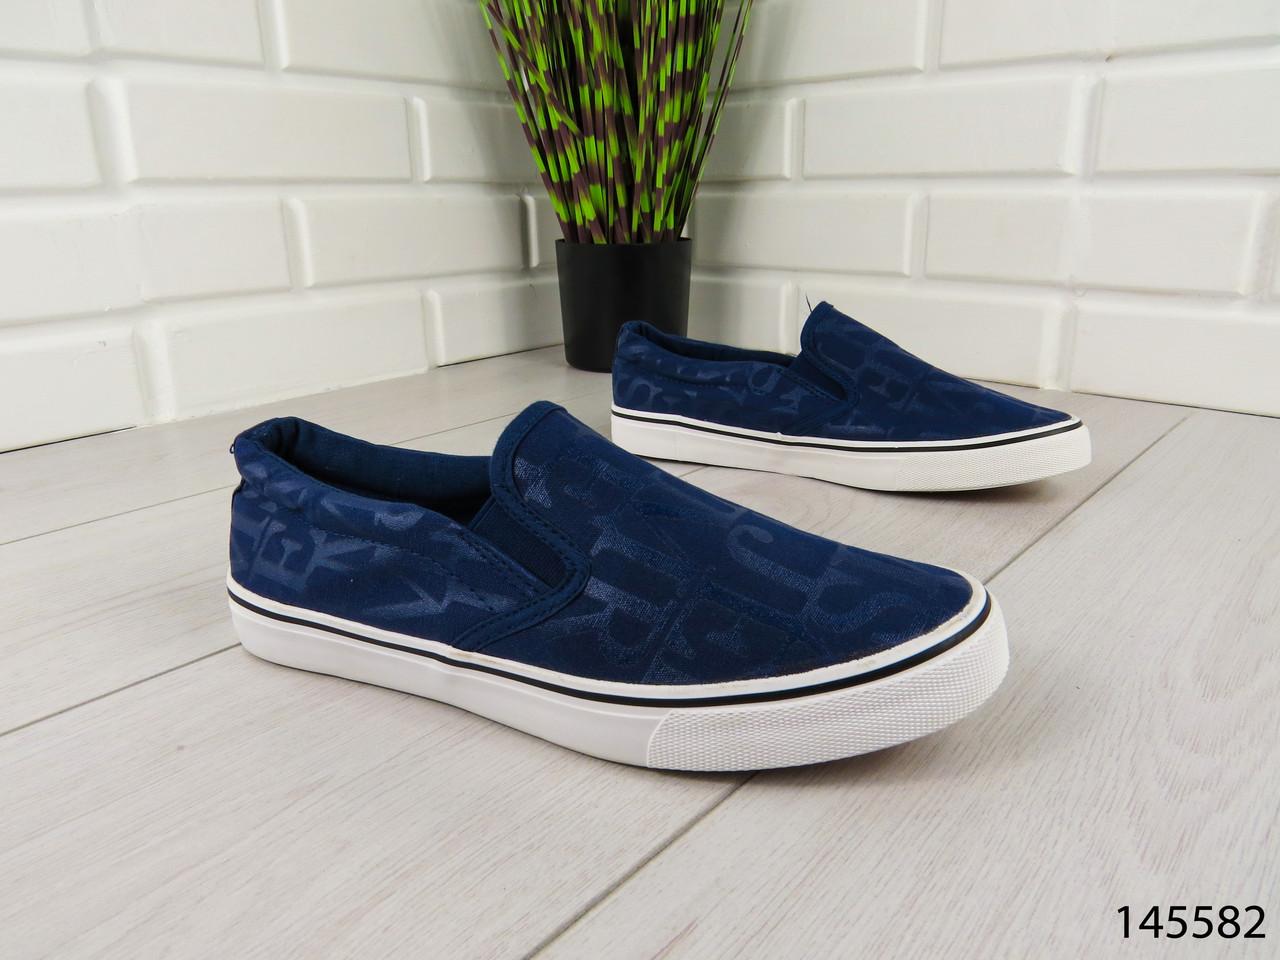 """Мокасины, кроссовки, кеды синие """"Azari"""" текстиль, повседневная, удобная, весенняя, мужская обувь"""